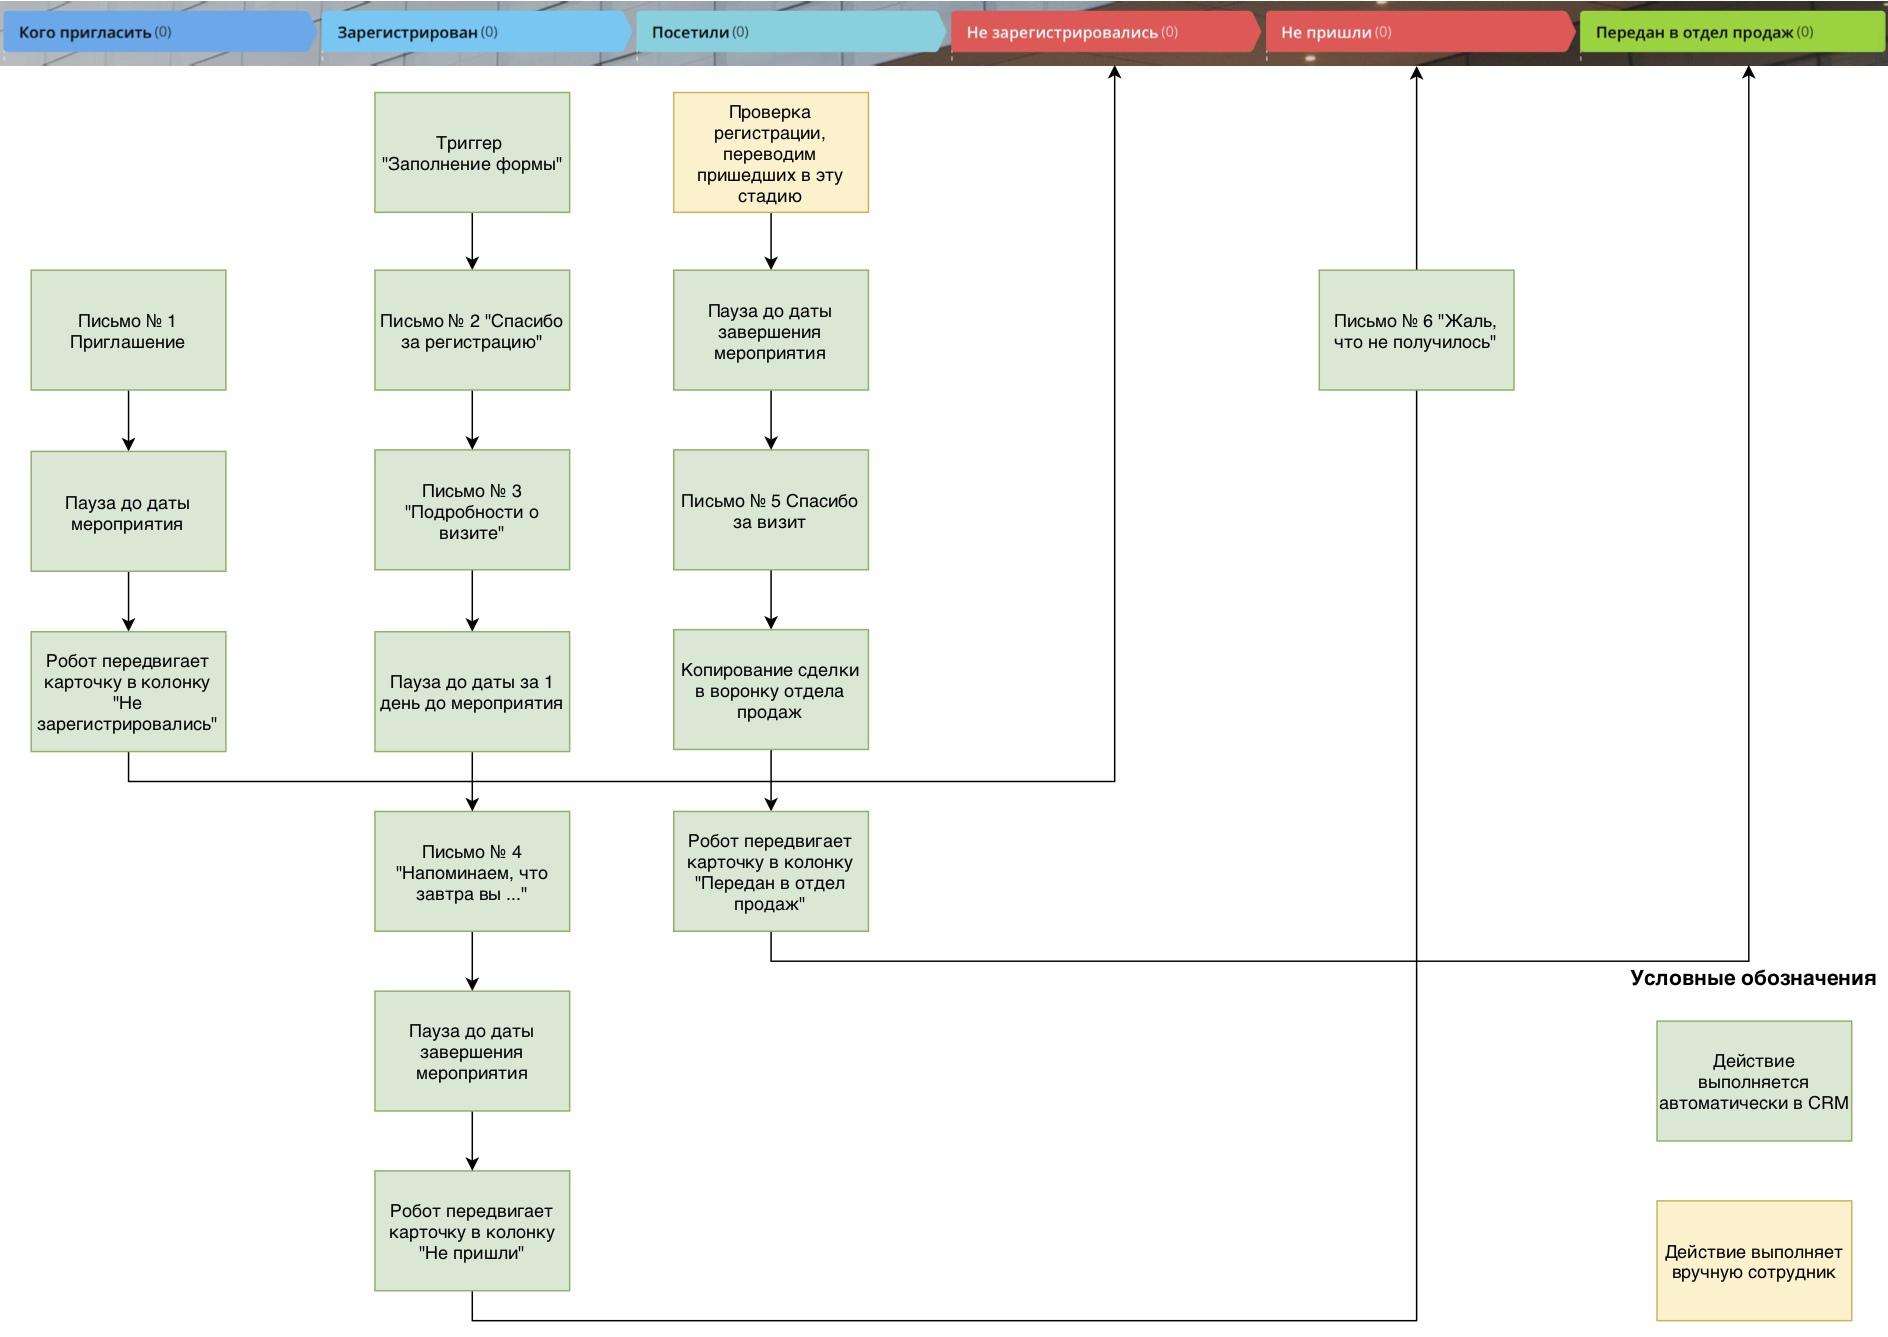 Схема стадий и действий для воронки мероприятий